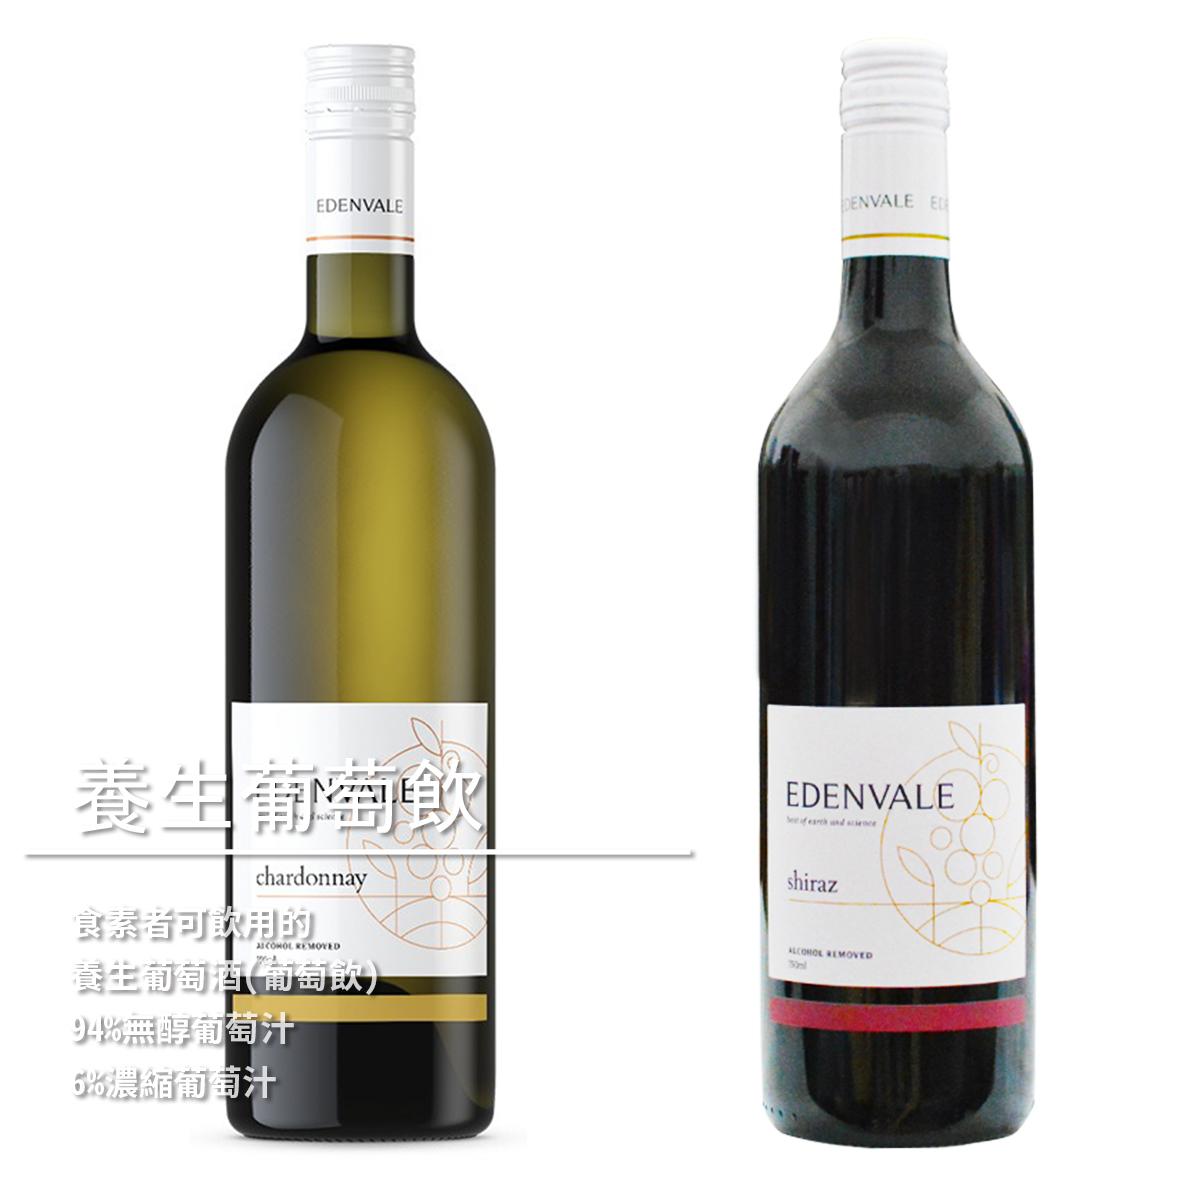 【旭讚素料專賣店】《Edenvale》養生紅/白葡萄飲組合